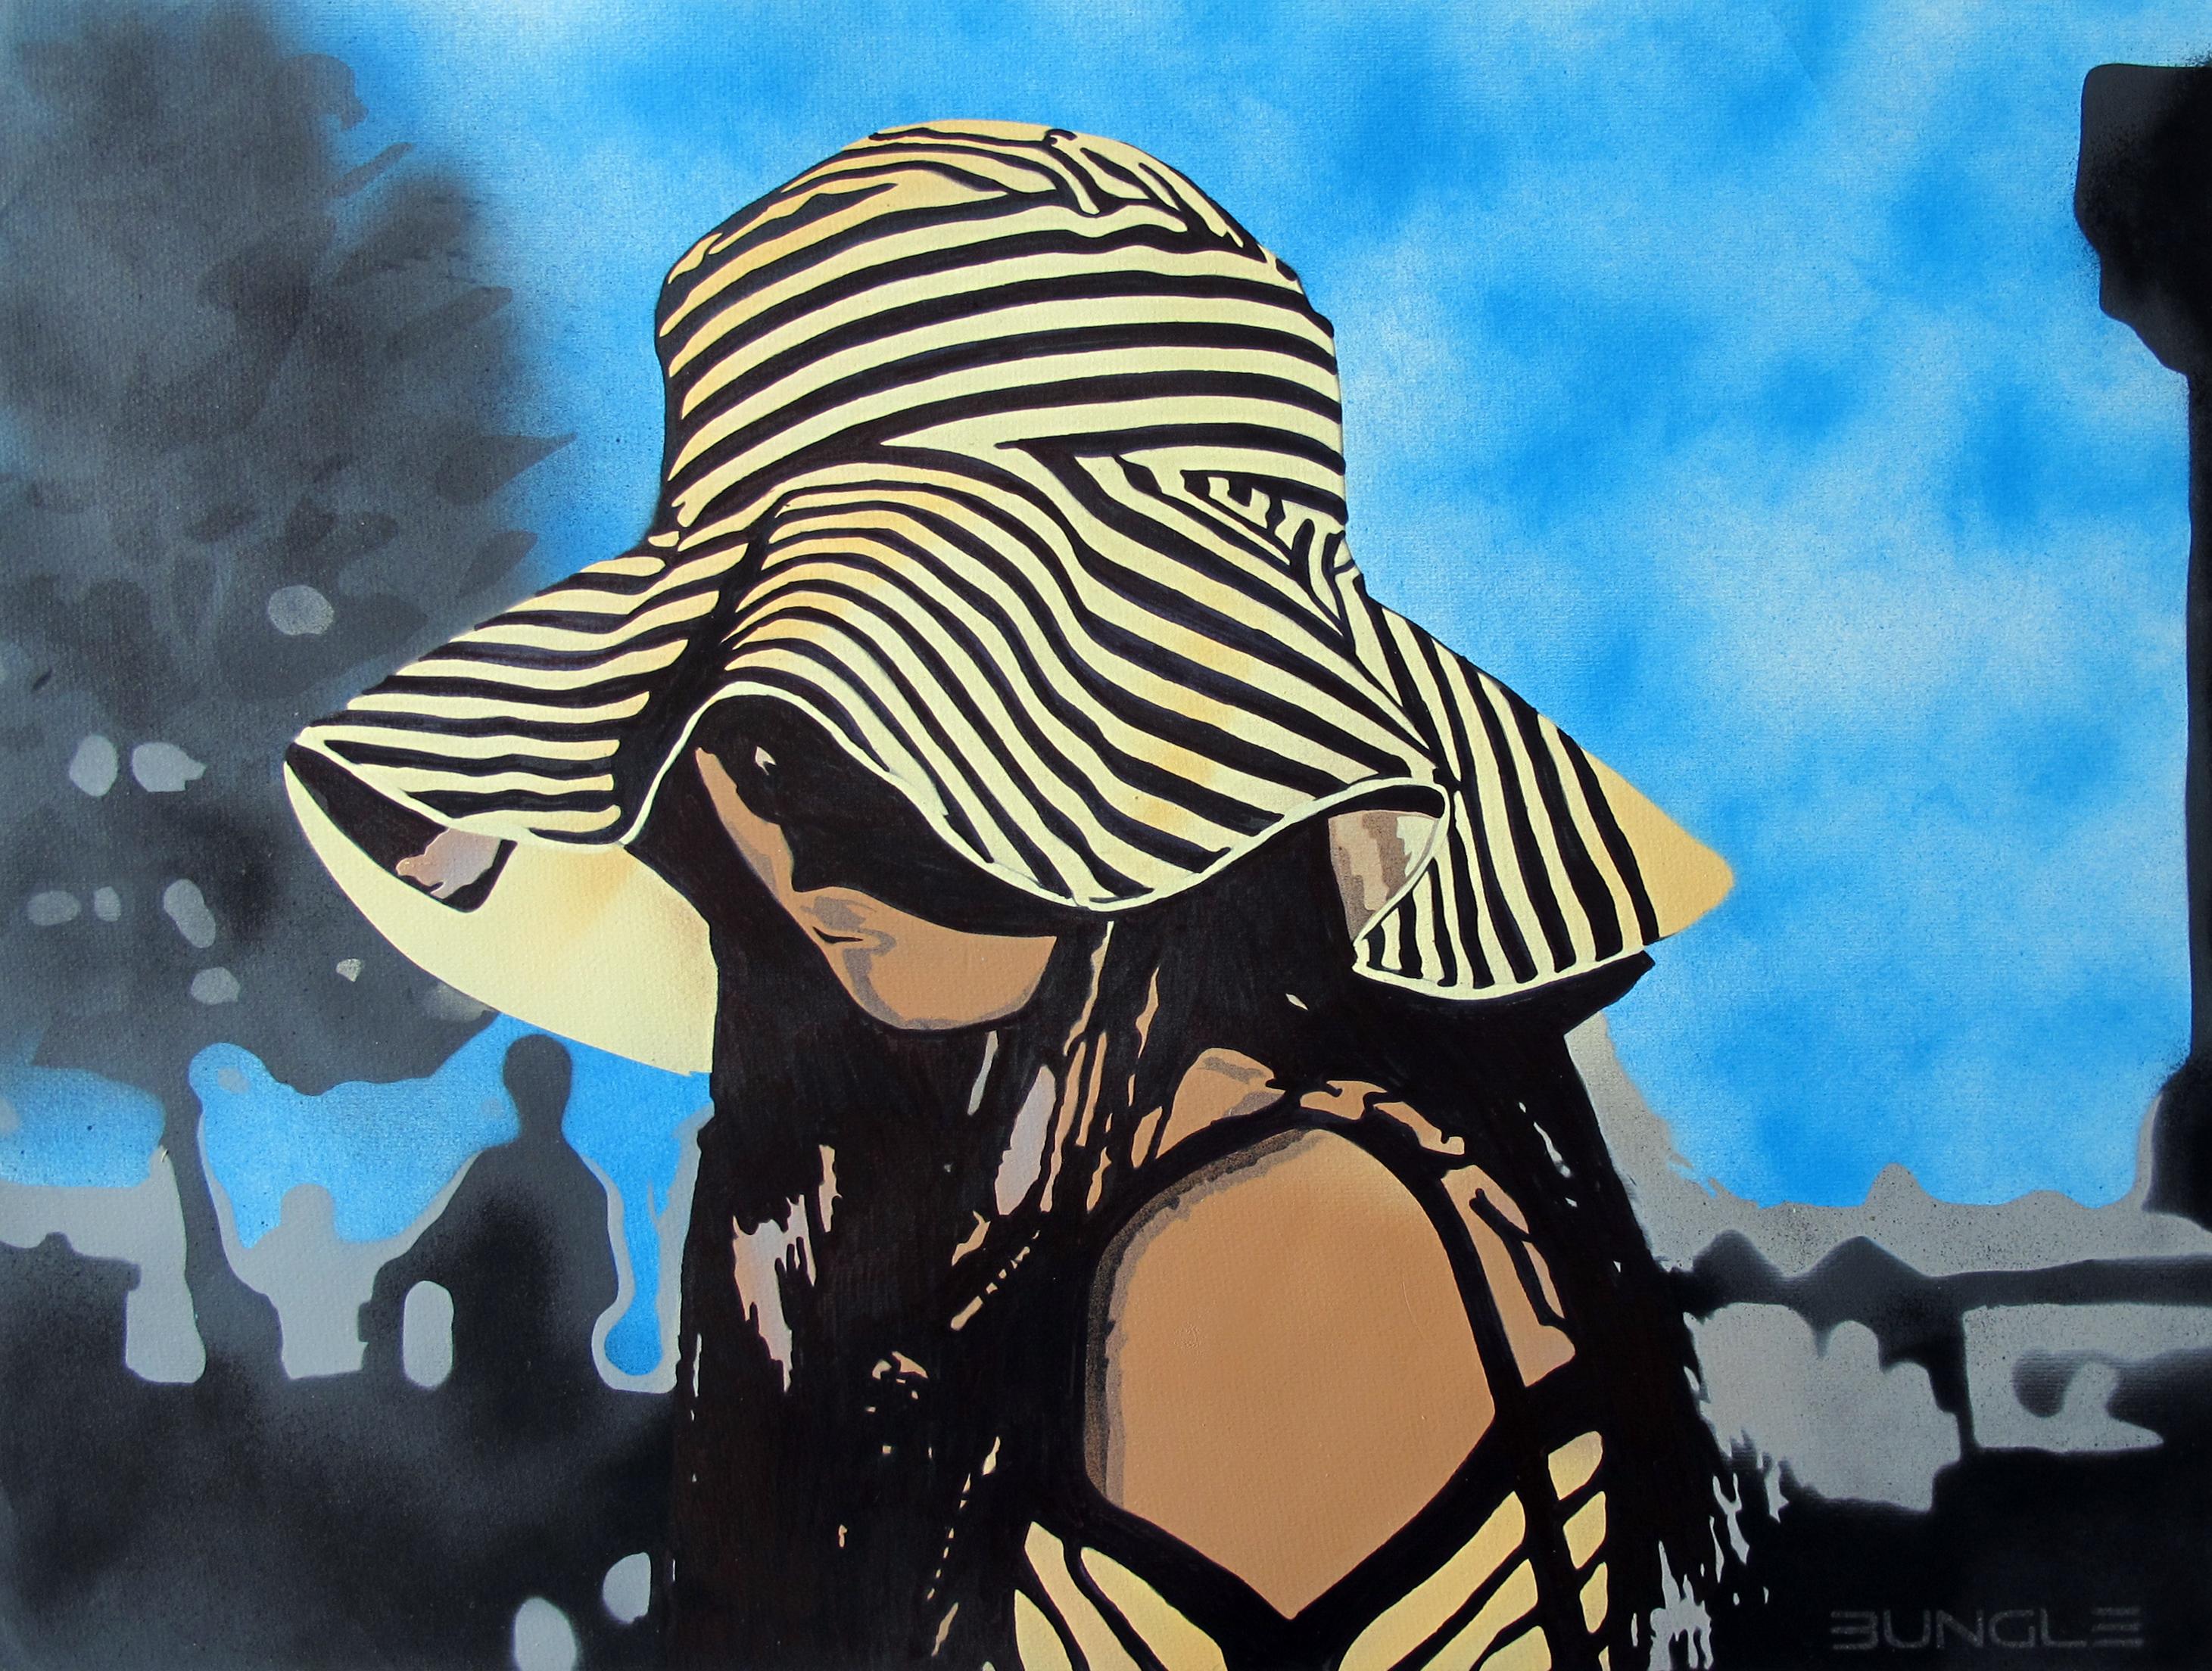 Bungle - Private Canvas